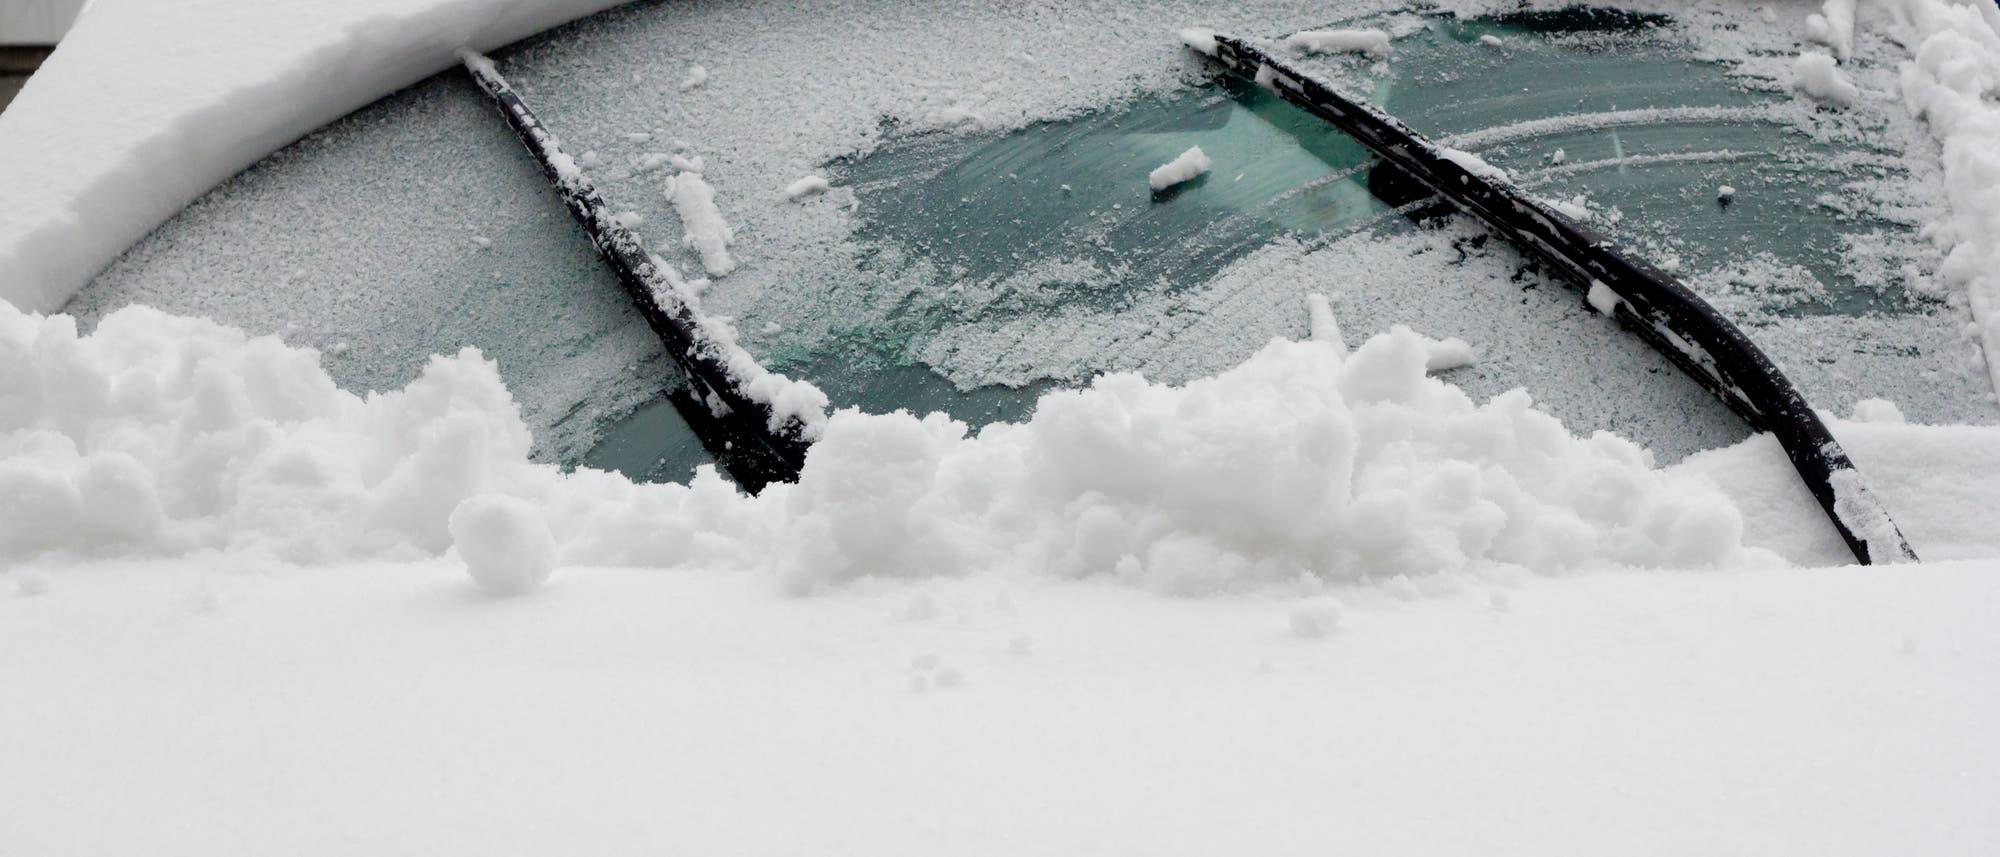 Eis und Schnee auf der Frontscheibe